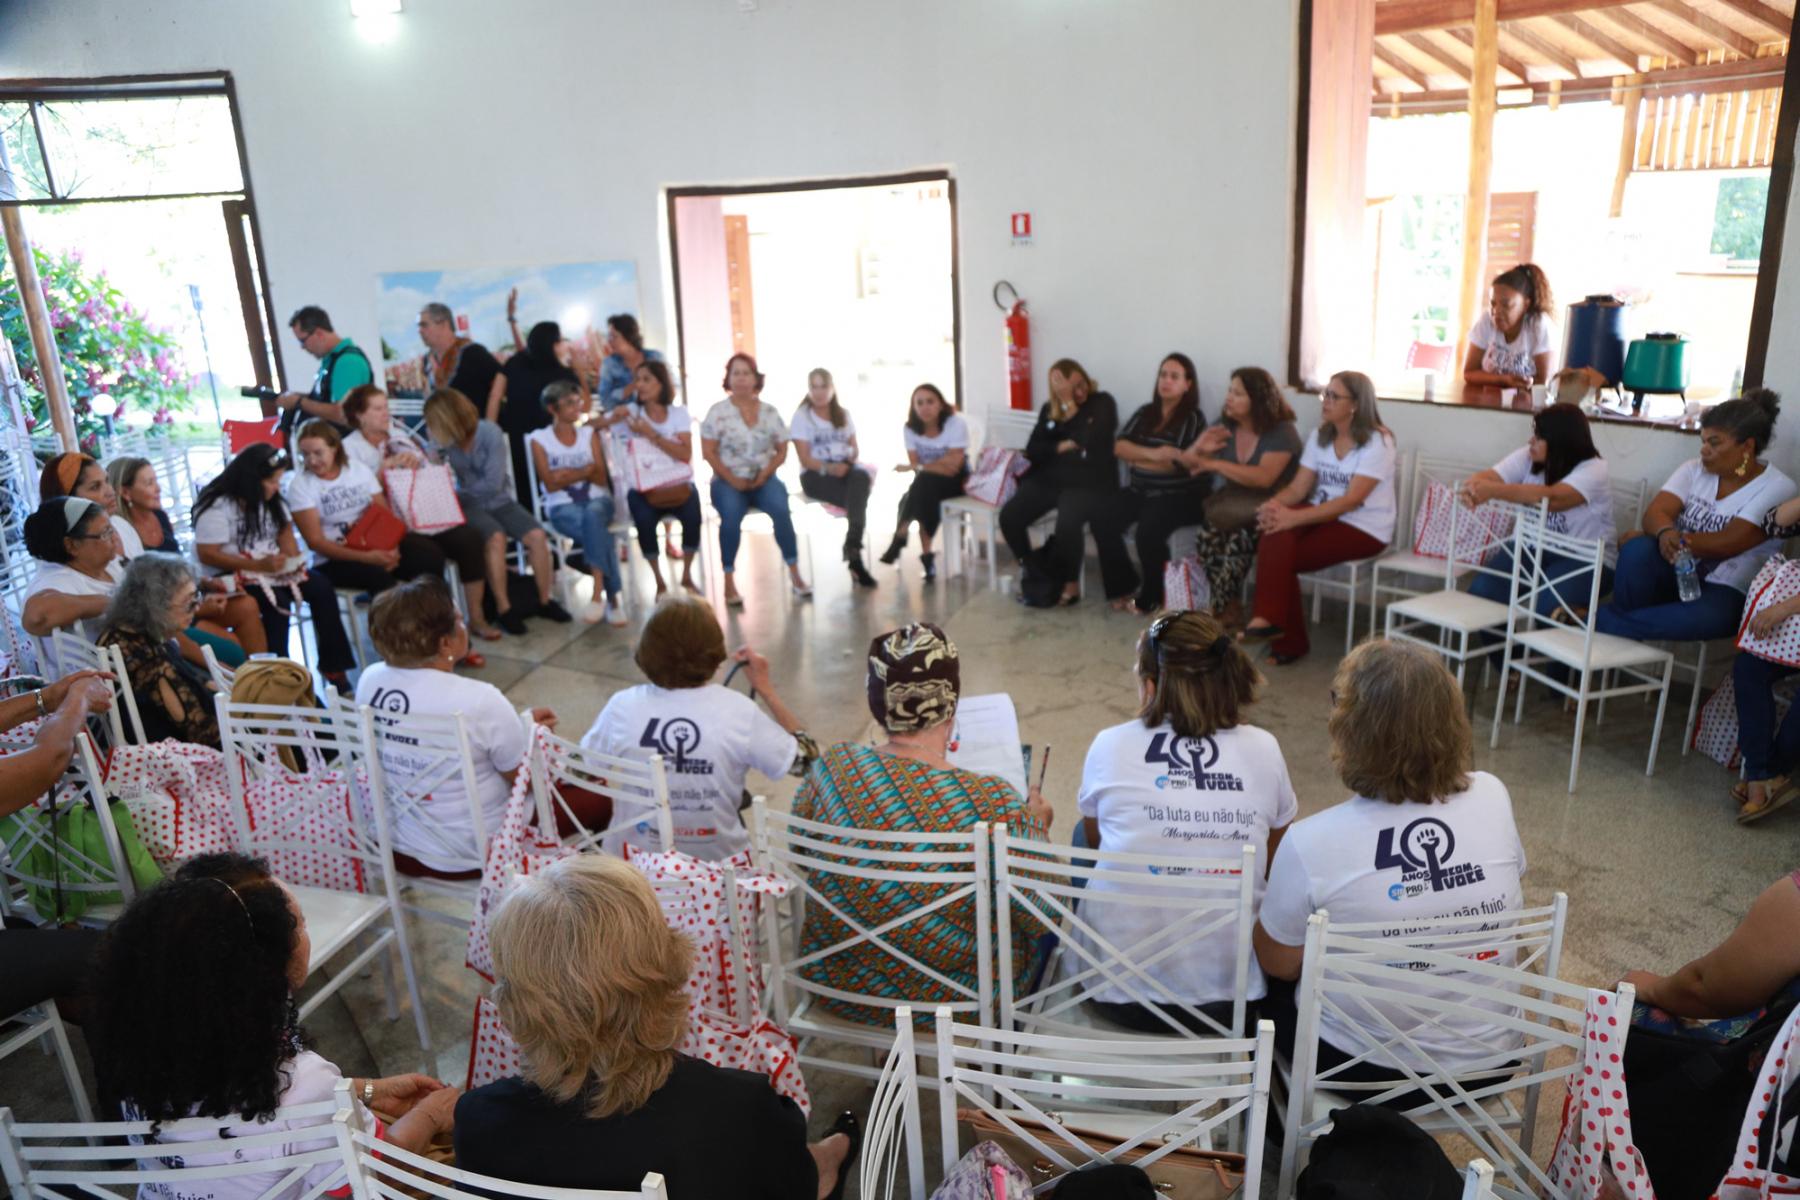 2019.04.27-VII-Encontro-de-Mulheres-Trabalhadoras_fotos-ECOM-121